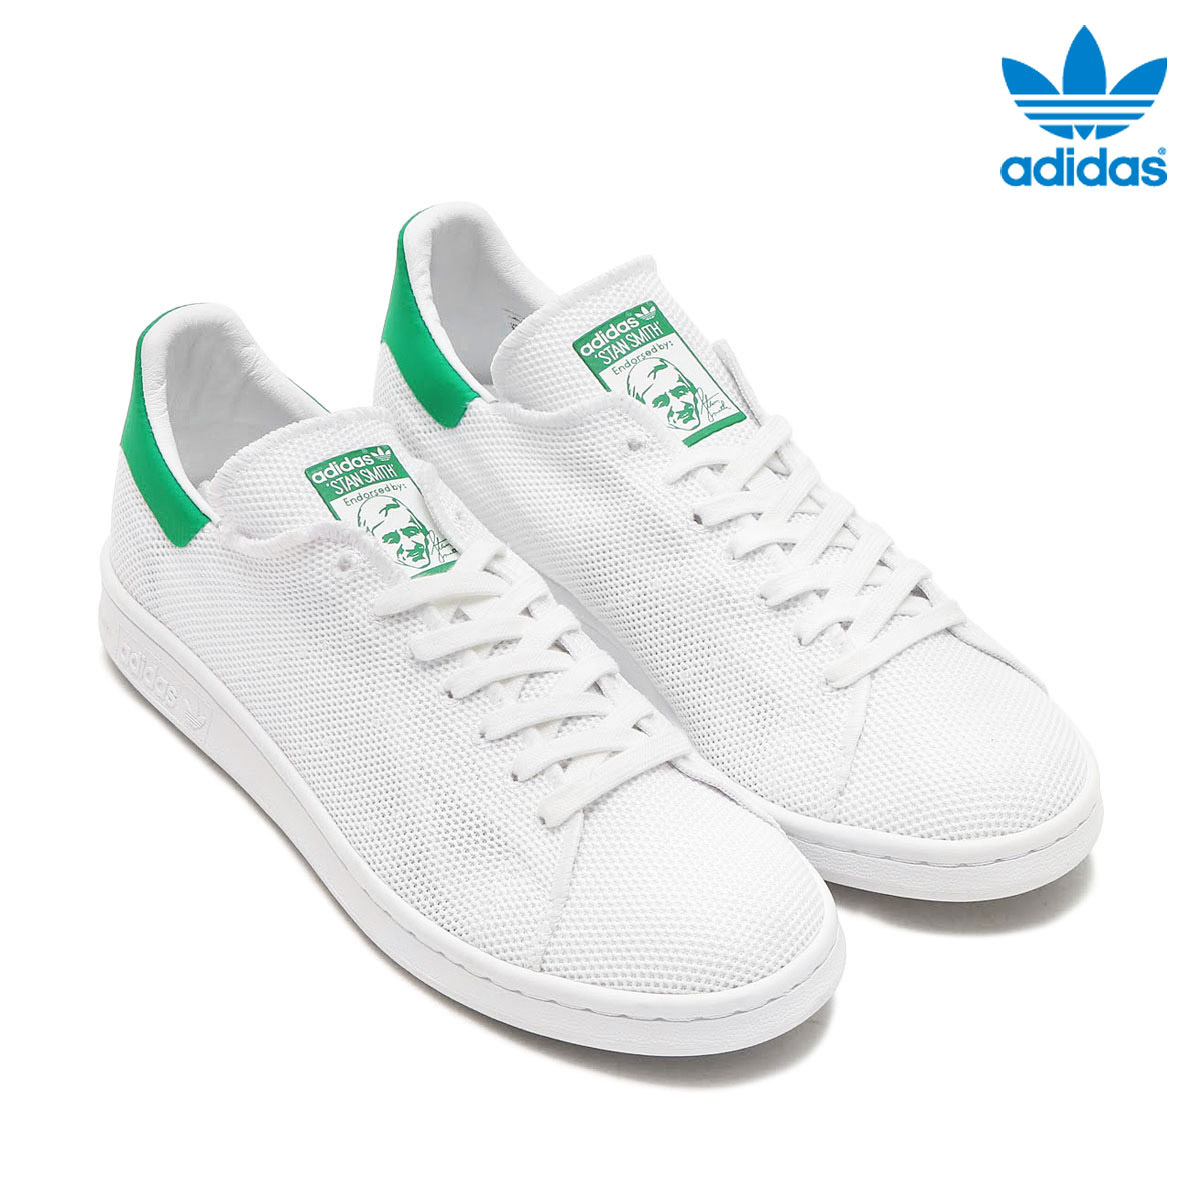 more photos bdad1 fe532 adidas Originals STAN SMITH (Adidas originals Stan Smith) (Running  White/Running White/Green) 17SS-I